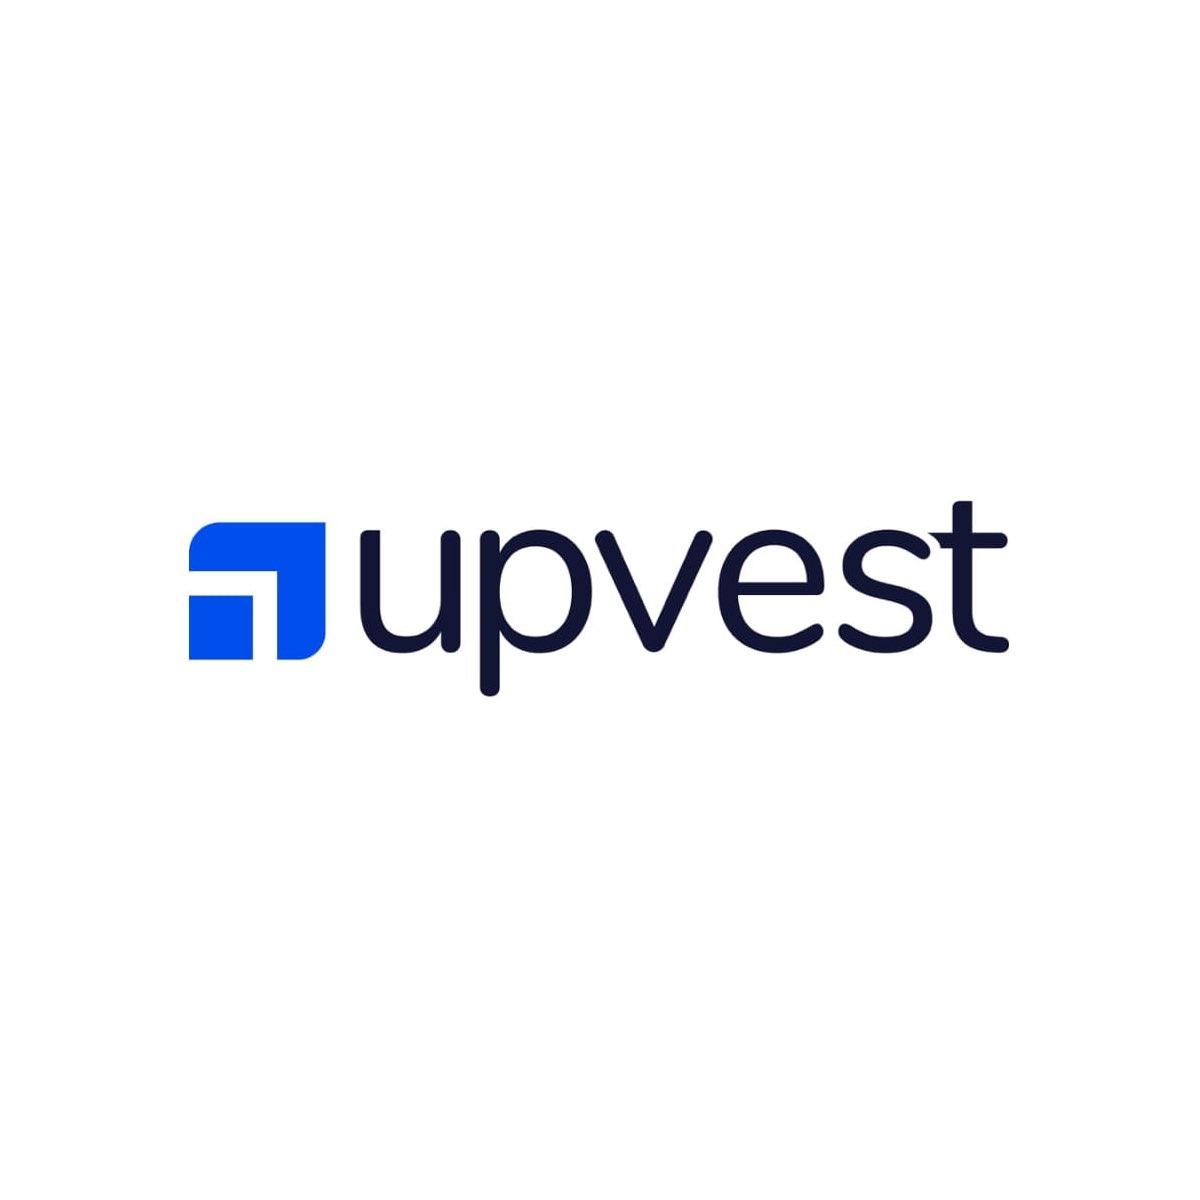 Upvest's logo